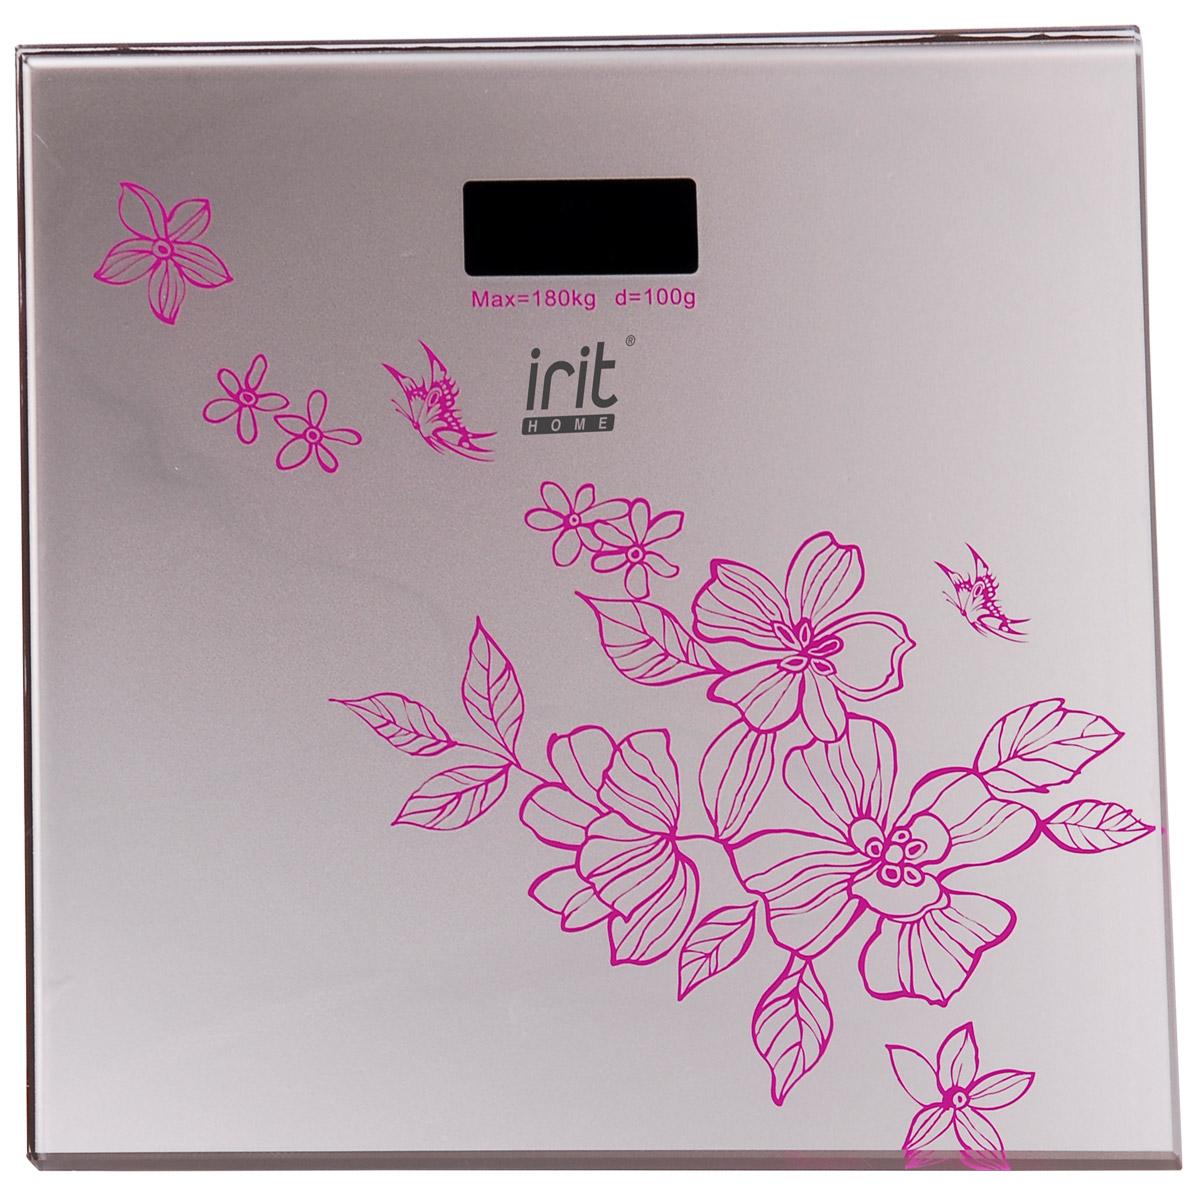 Irit IR-7258 весы напольныеIR-7258Напольные весы Irit IR-7258 пригодятся тем, кто привык следить за своим здоровьем и фигурой. Максимальный вес, на который представленная модель рассчитана, составляет 180 кг, при этом дискретность равна 100 г. Весы являются электронными и работают от литиевой батарейки типа CR2032. Устройство включается при касании автоматически. Отключение происходит после 8 секунд бездействия. Модель оснащена четырехзарядным жидкокристаллическим дисплеем, транслирующим показания.